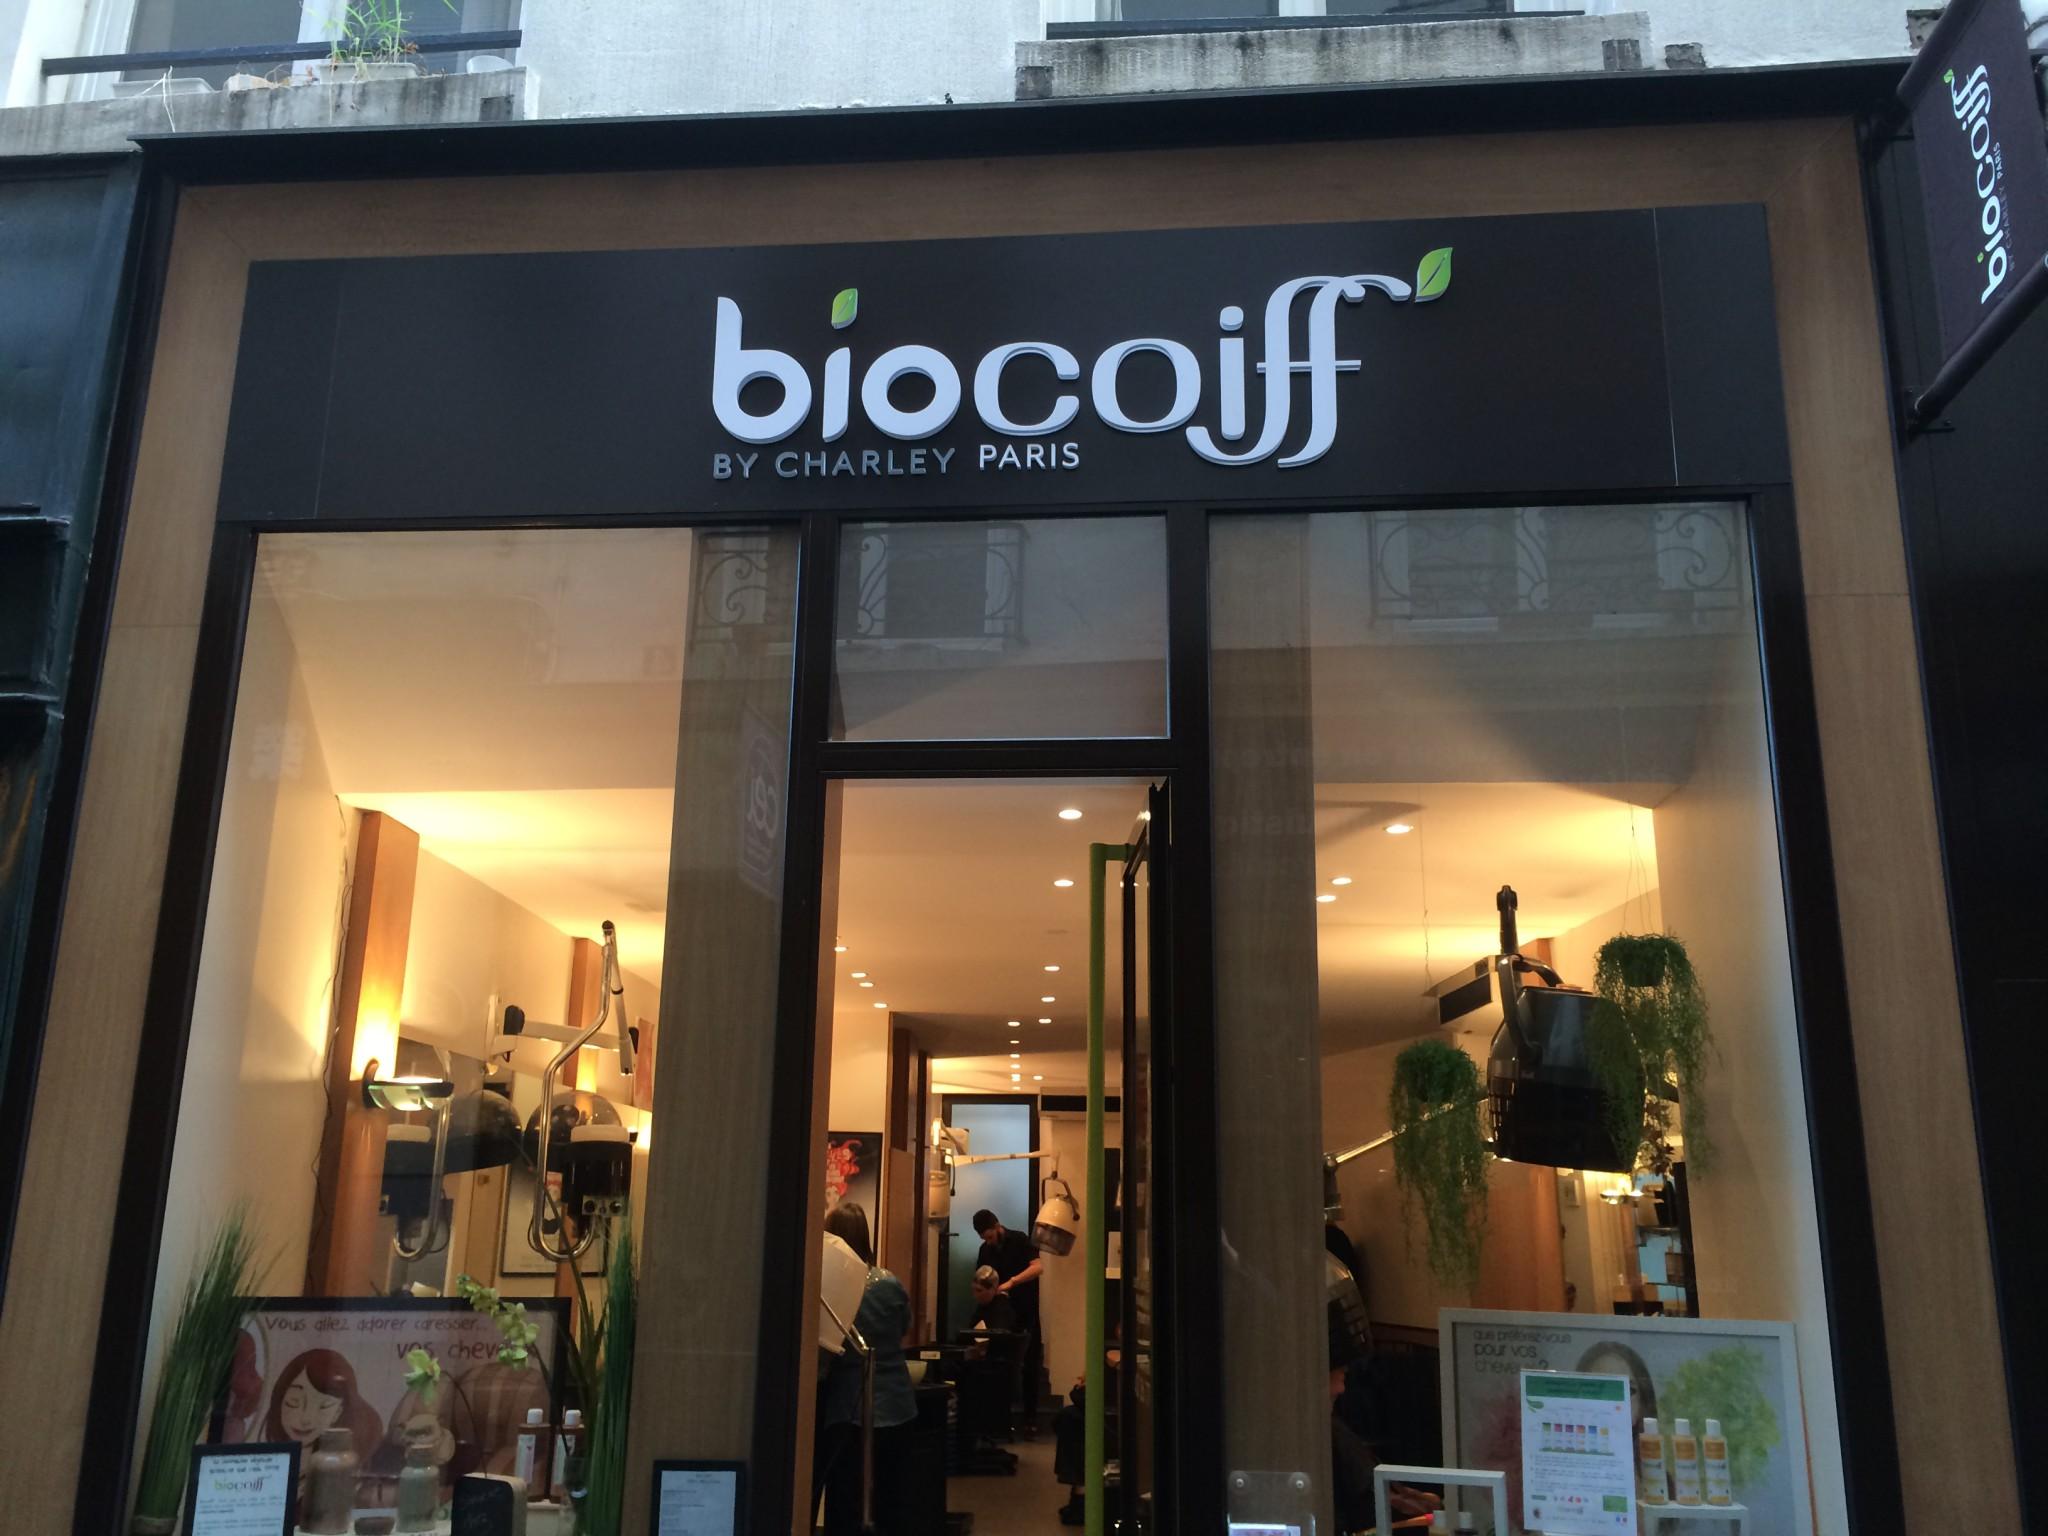 Notre Visite Mystu00e8re Du Salon De Coiffure Biocoiff Paris 6 | SpaEtc.fr